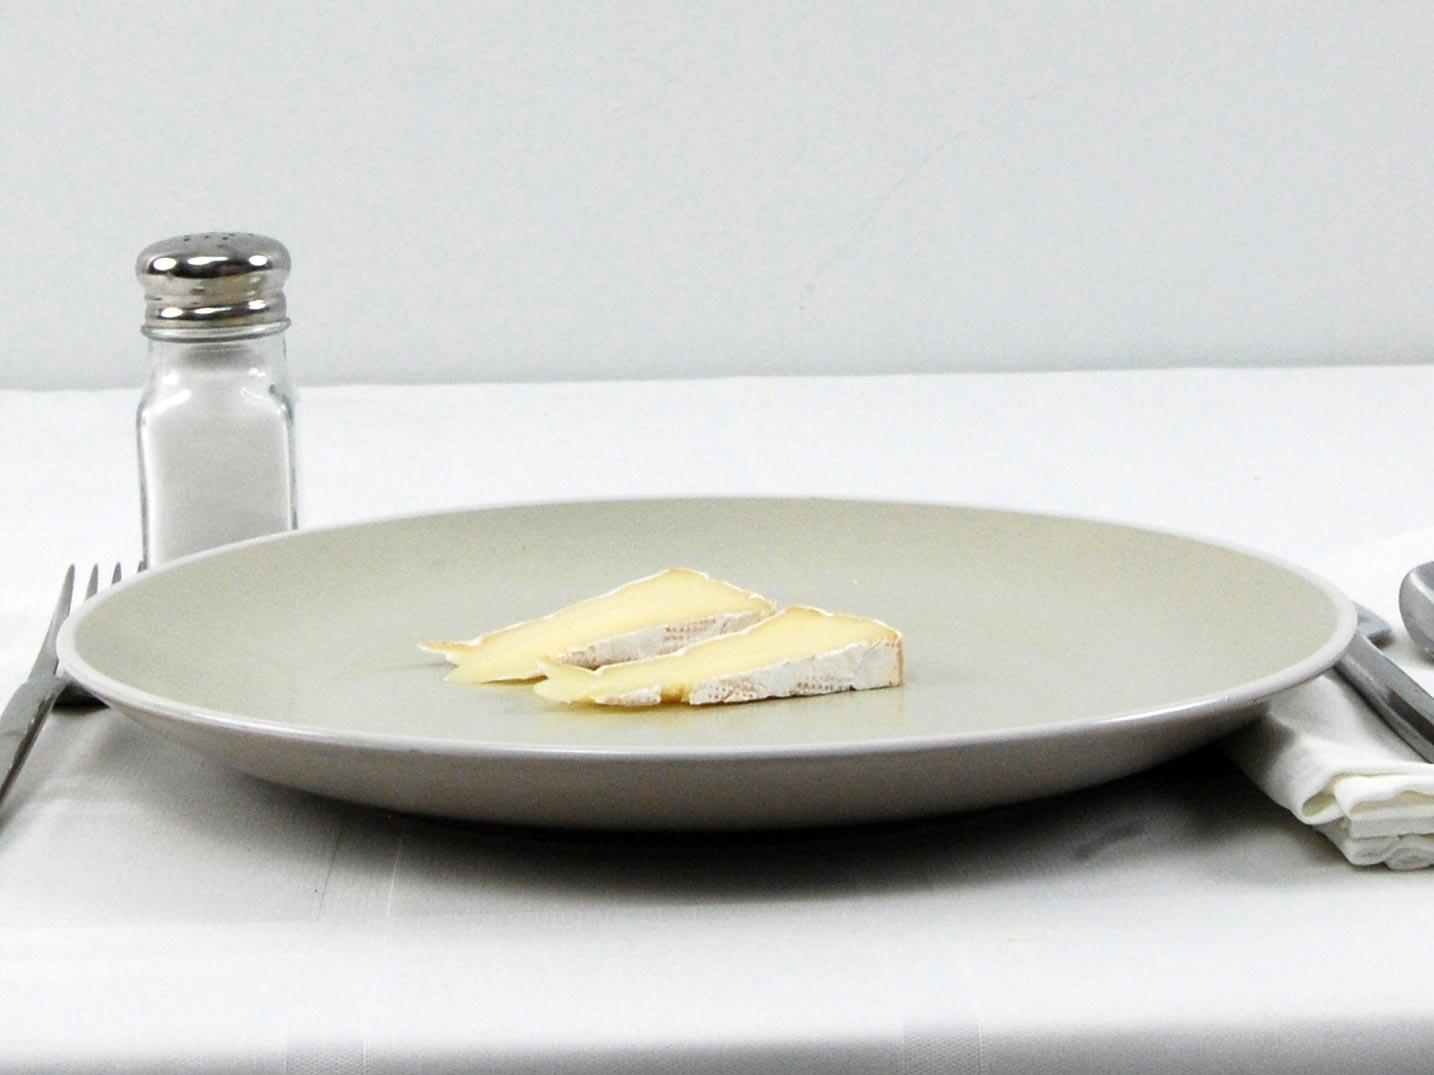 Calories in 28 grams of Camembert Cheese